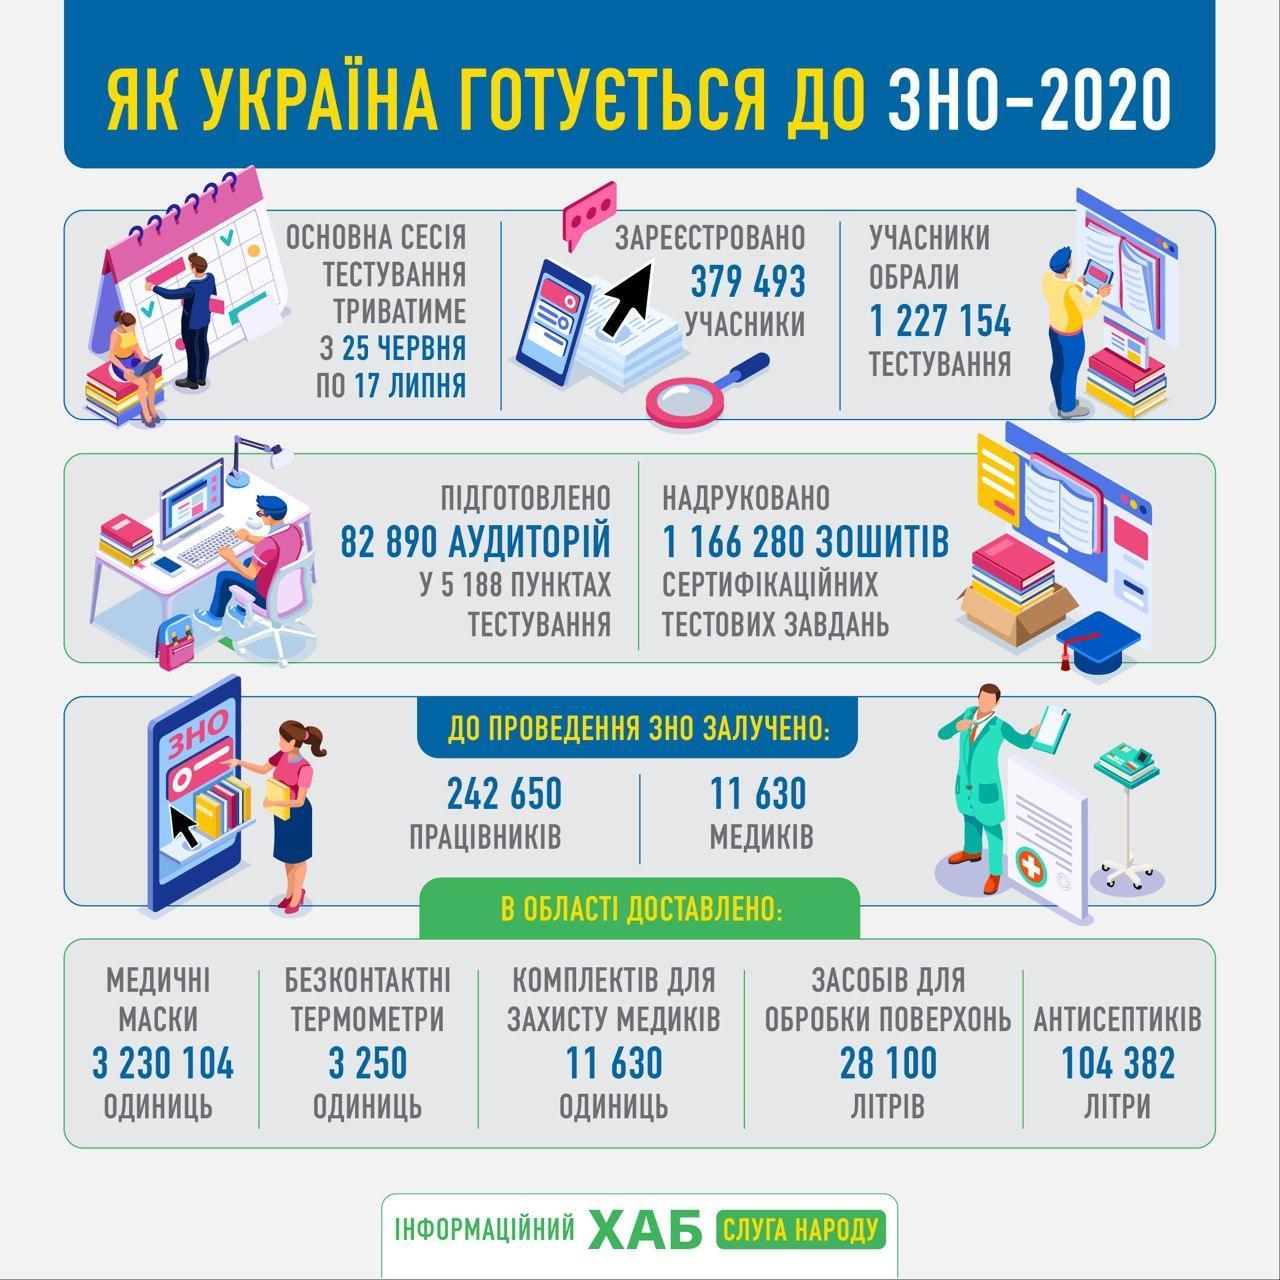 ВНО-2020: Известно, как готовятся власти